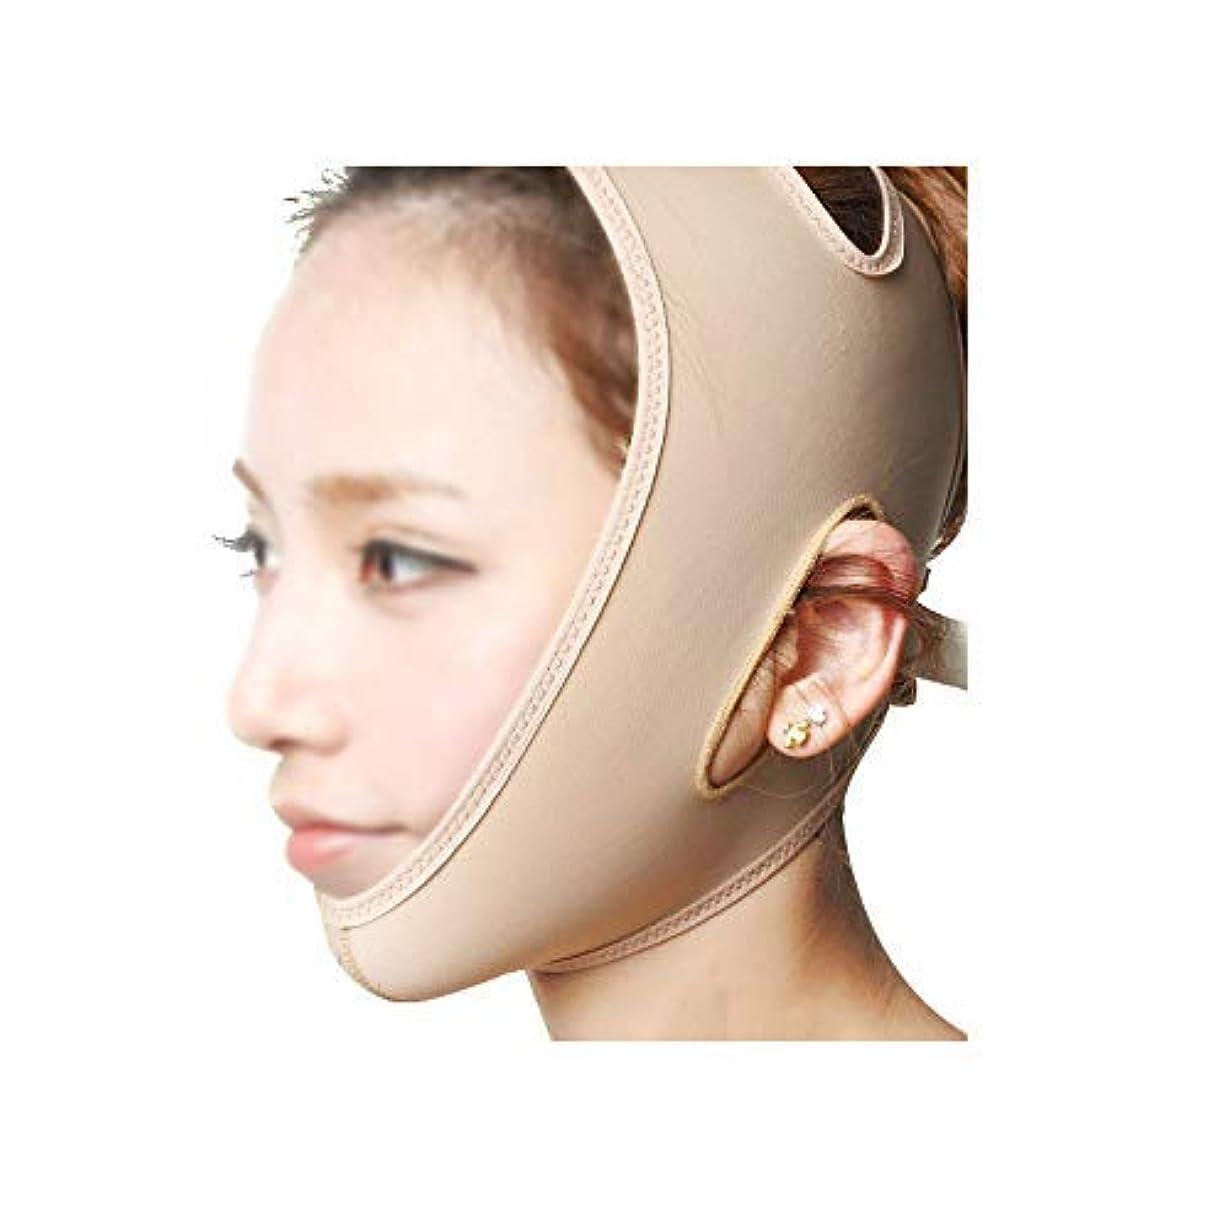 フェイスリフティングバンデージ、フェイスマスク3Dパネルデザイン、通気性に優れたライクラ素材の物理的なVフェイス、美しい顔の輪郭の作成(サイズ:S),S